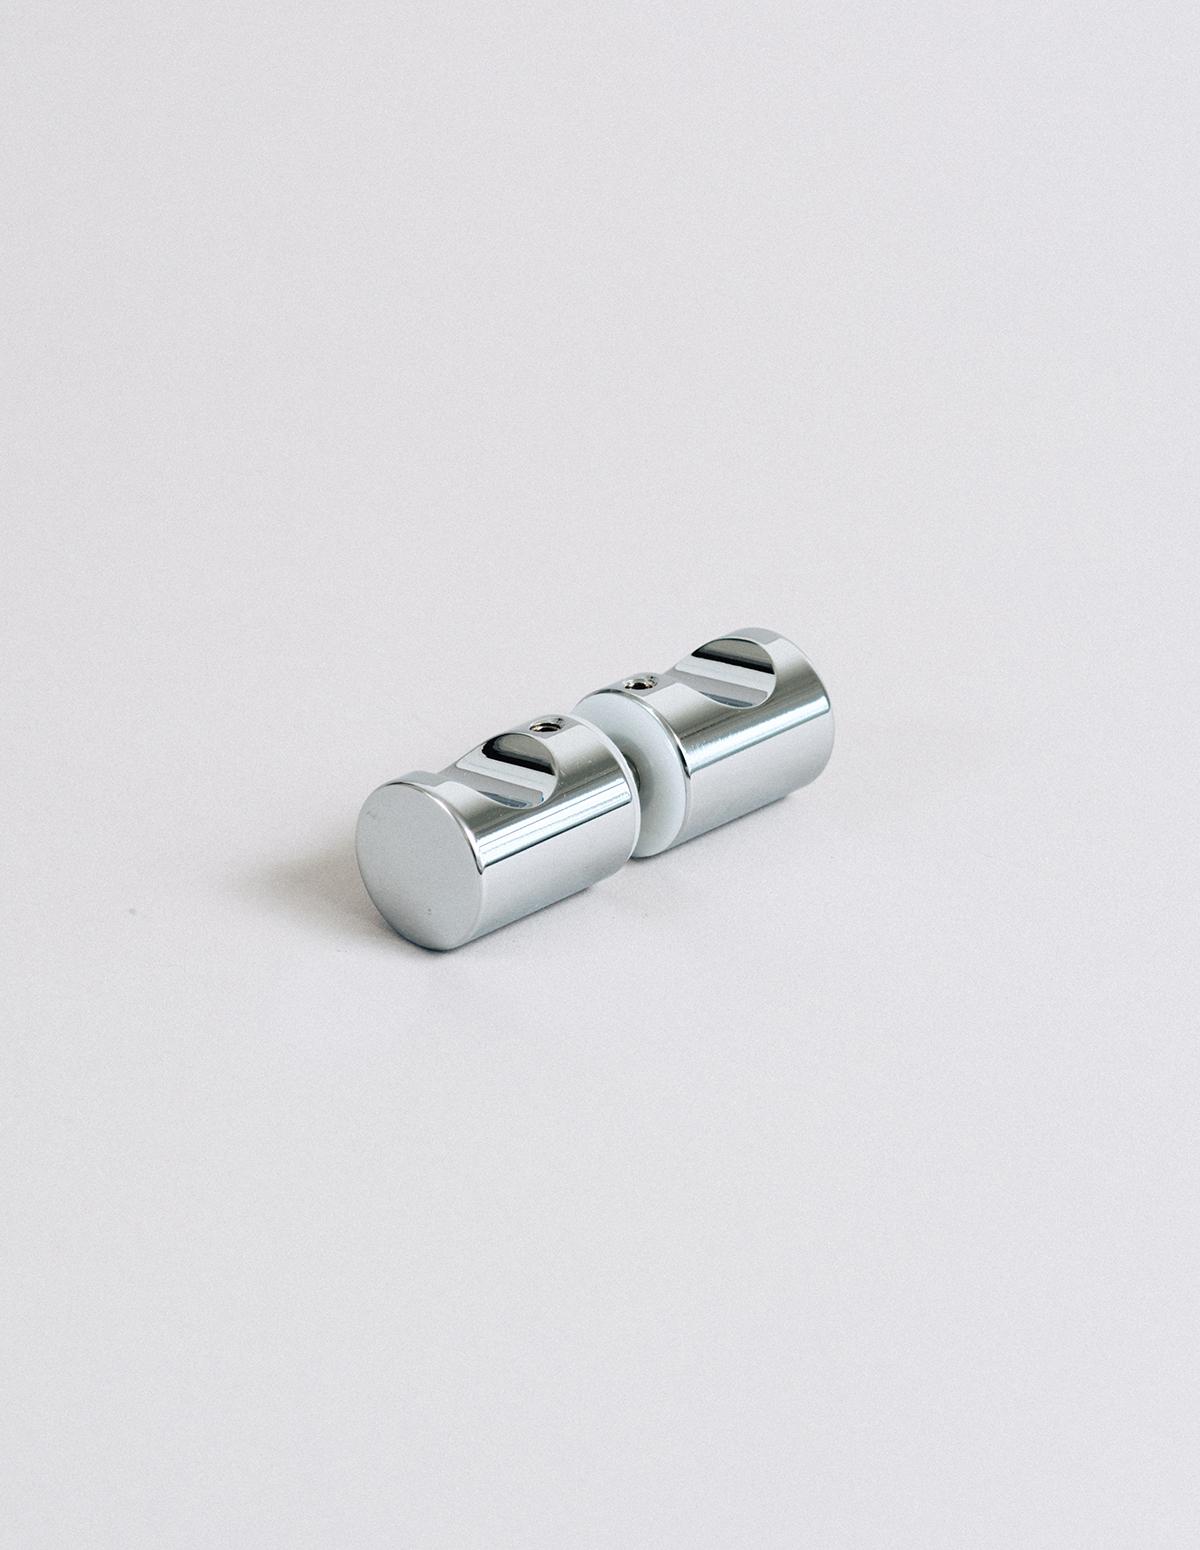 Optimum-Studios-Architectural-Glass-Metal-HardwarePage-Handle1-042216